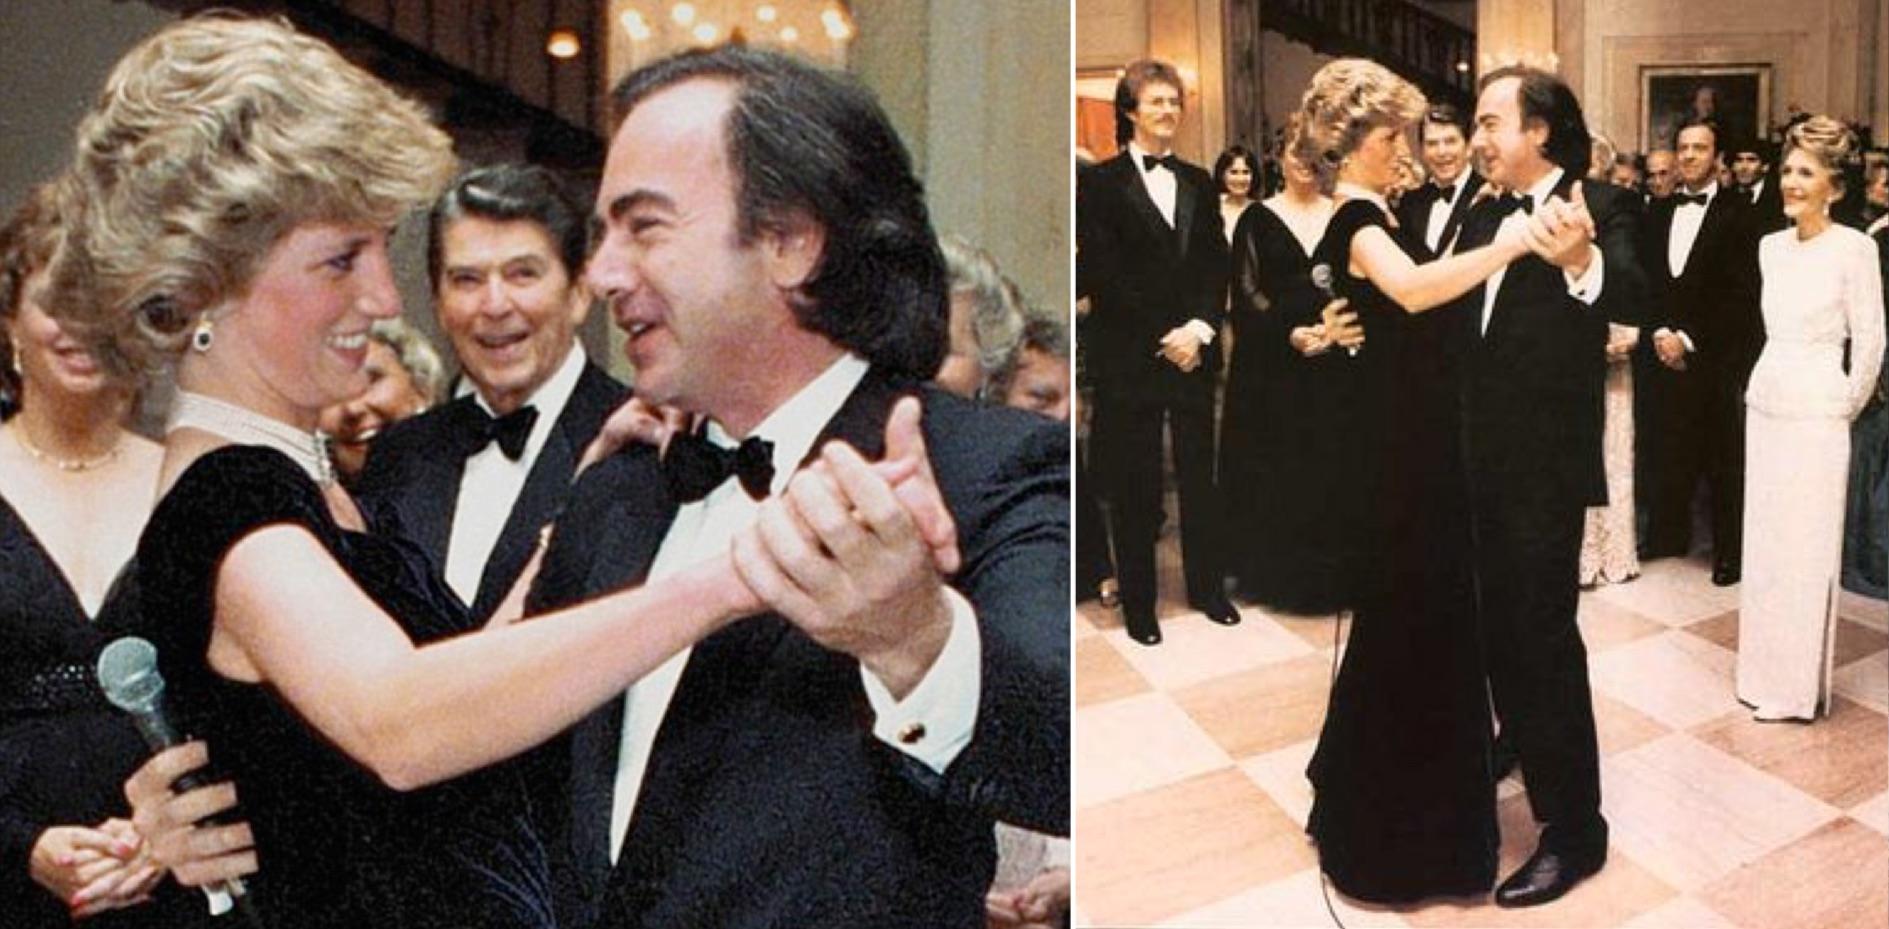 Diana de Gales y Neil Diamond. Al fondo: Ronald Reagan. (Fotos: Daily Mail y Flickr.com)